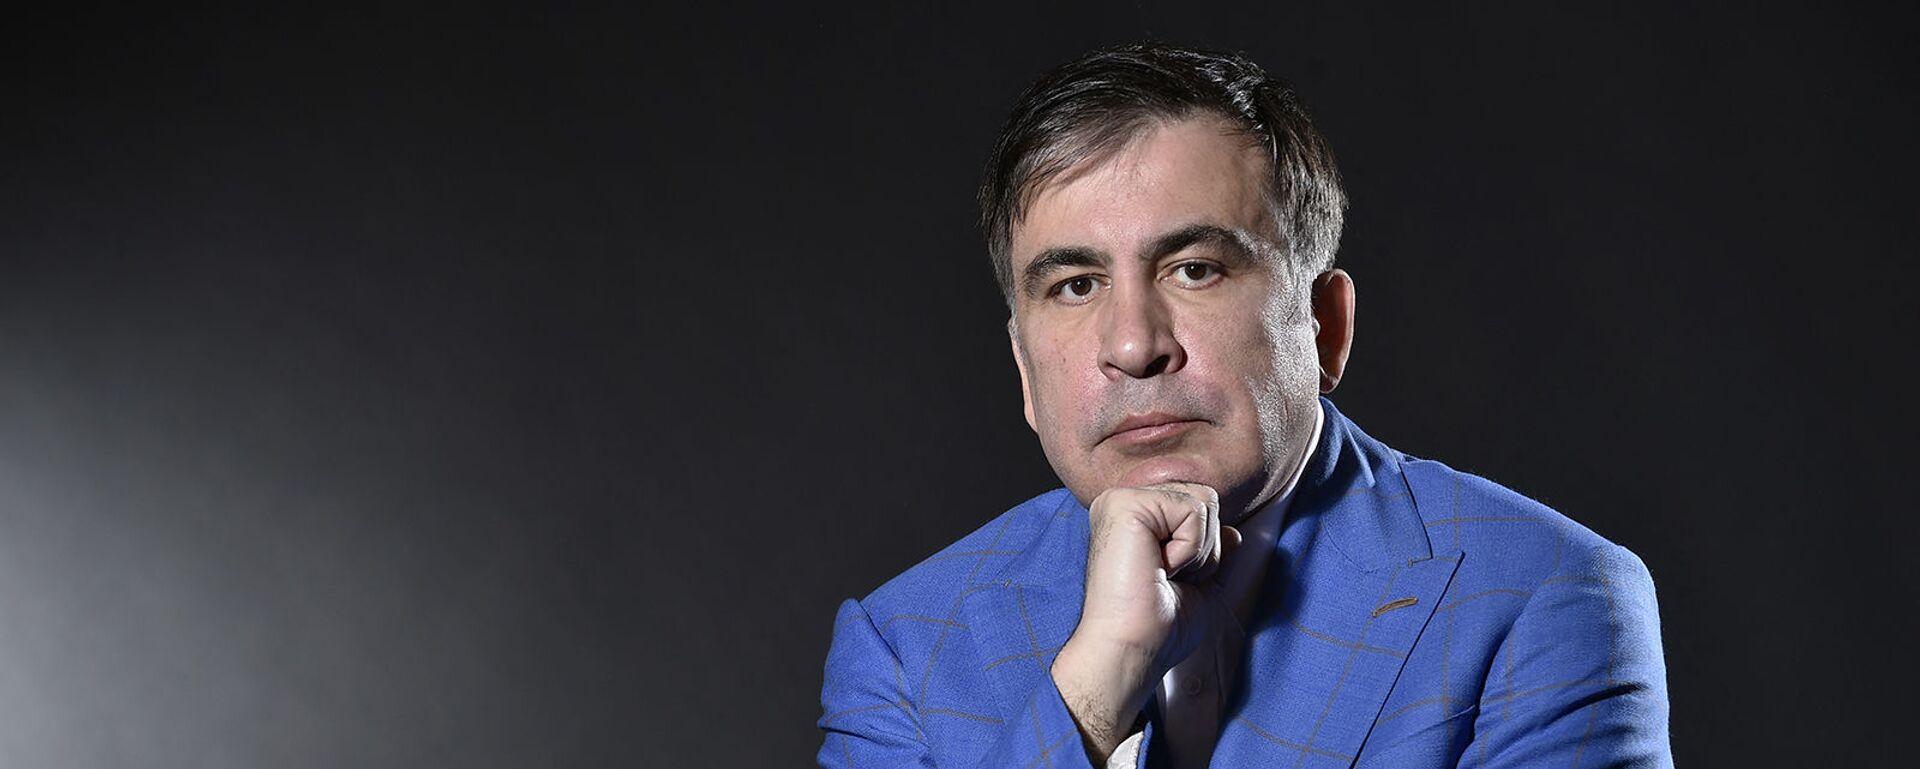 Бывший президент Грузии Михаил Саакашвили во время фотосессии (7 марта 2018). Амстердам - Sputnik Армения, 1920, 16.09.2021